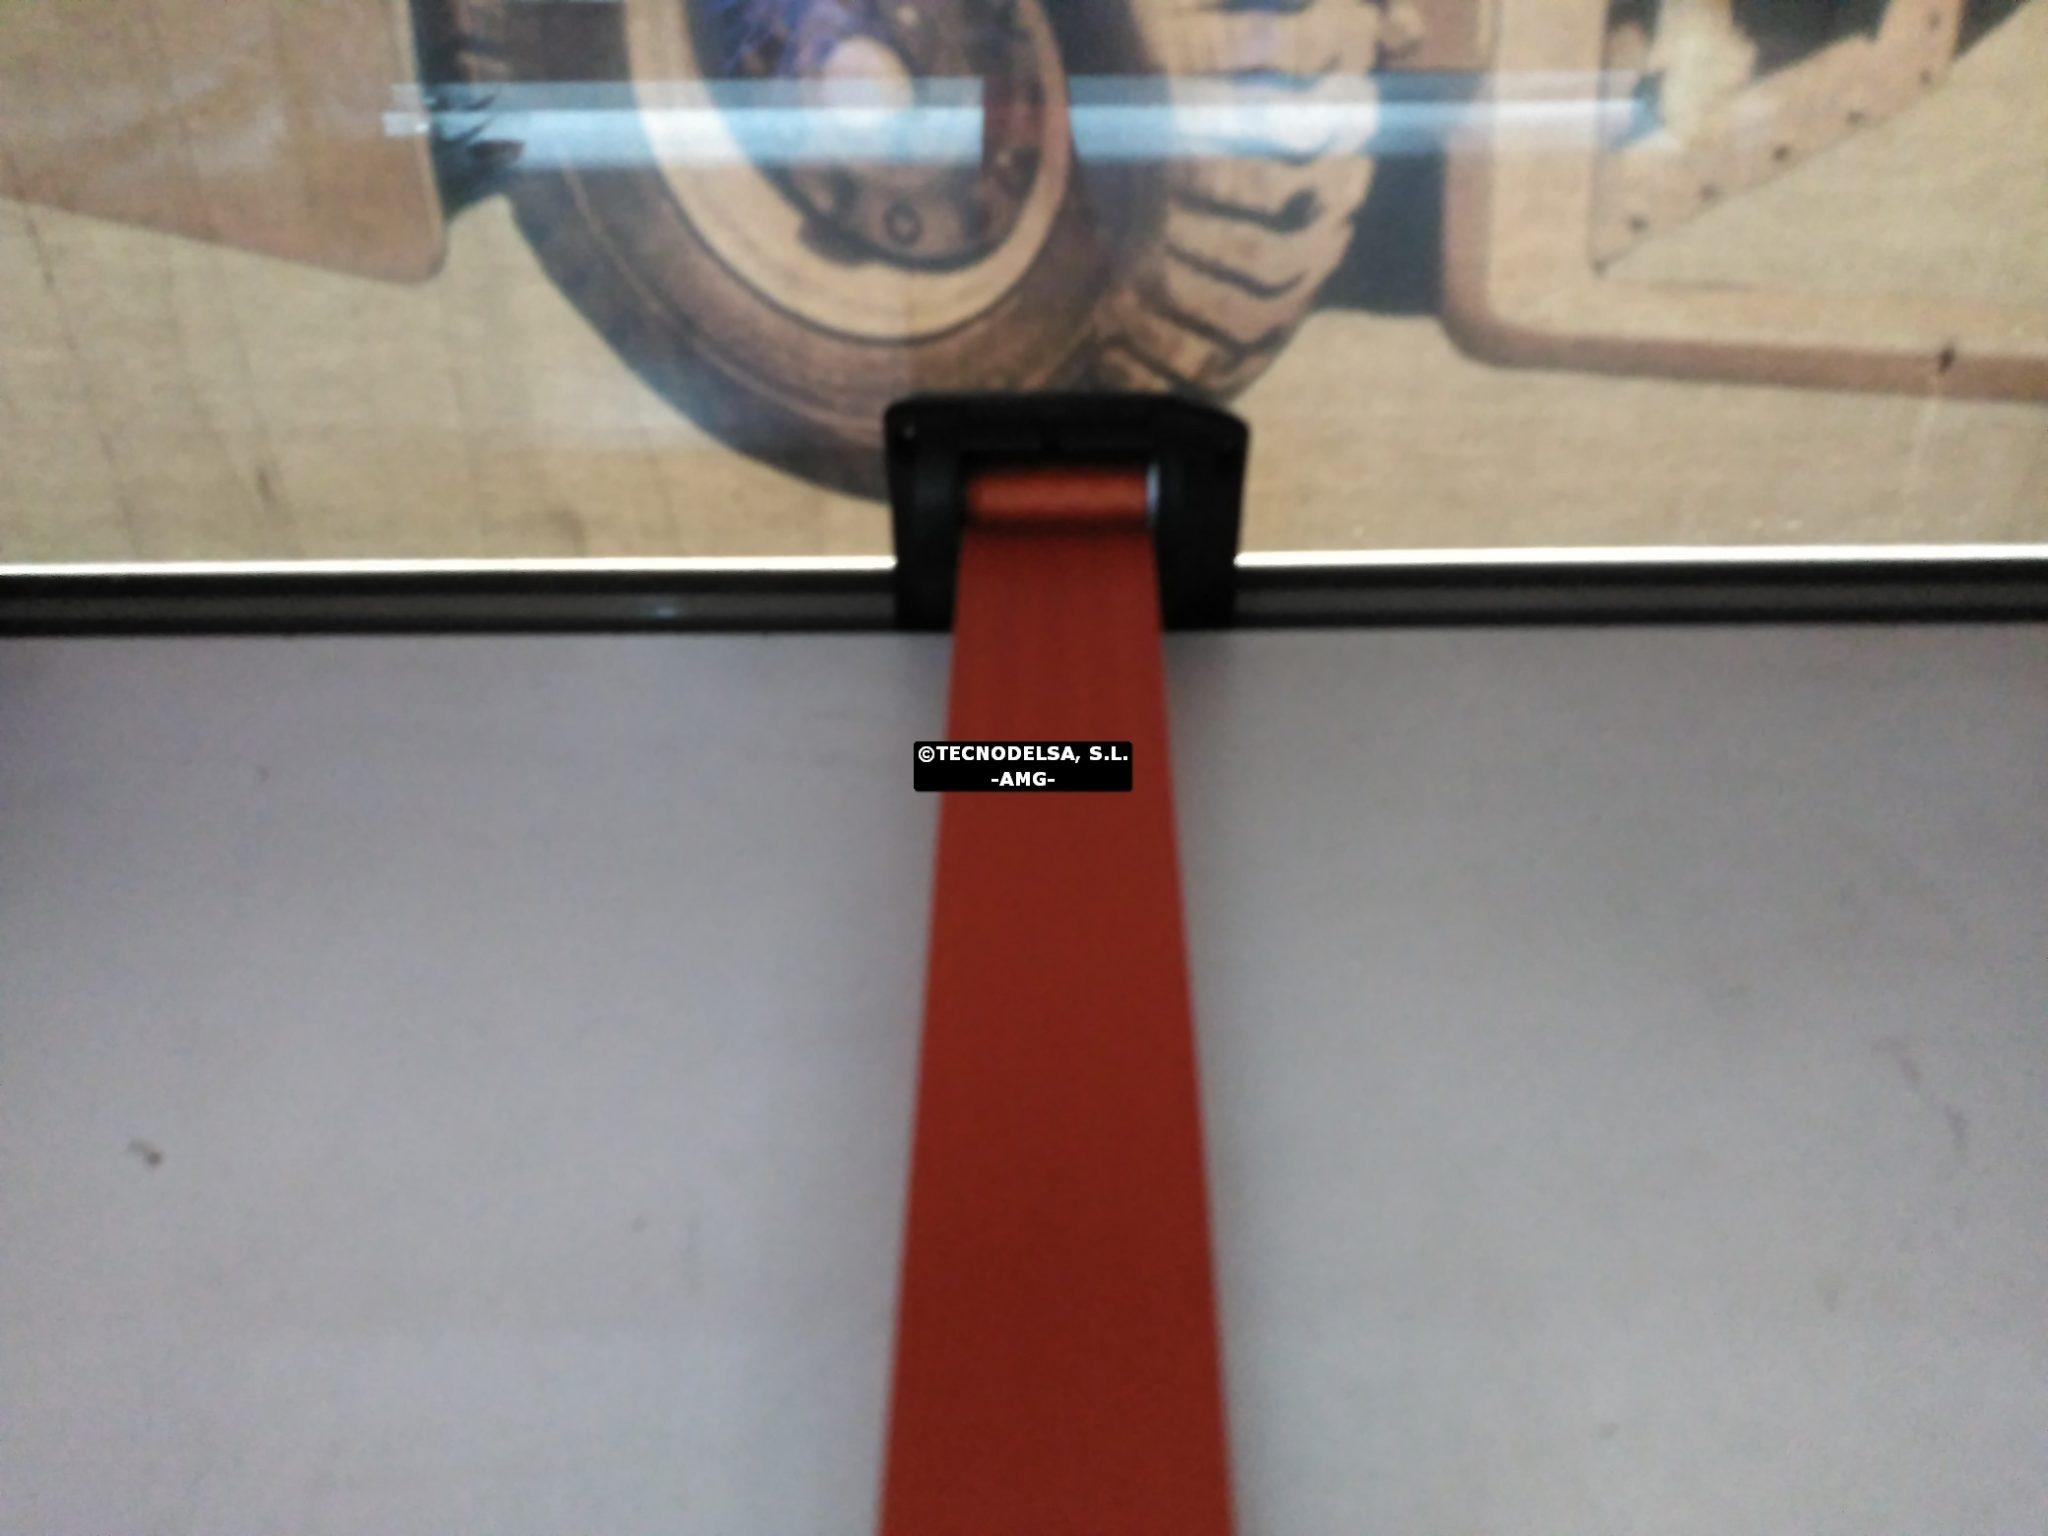 Cinturón de seguridad carretilla elevadora